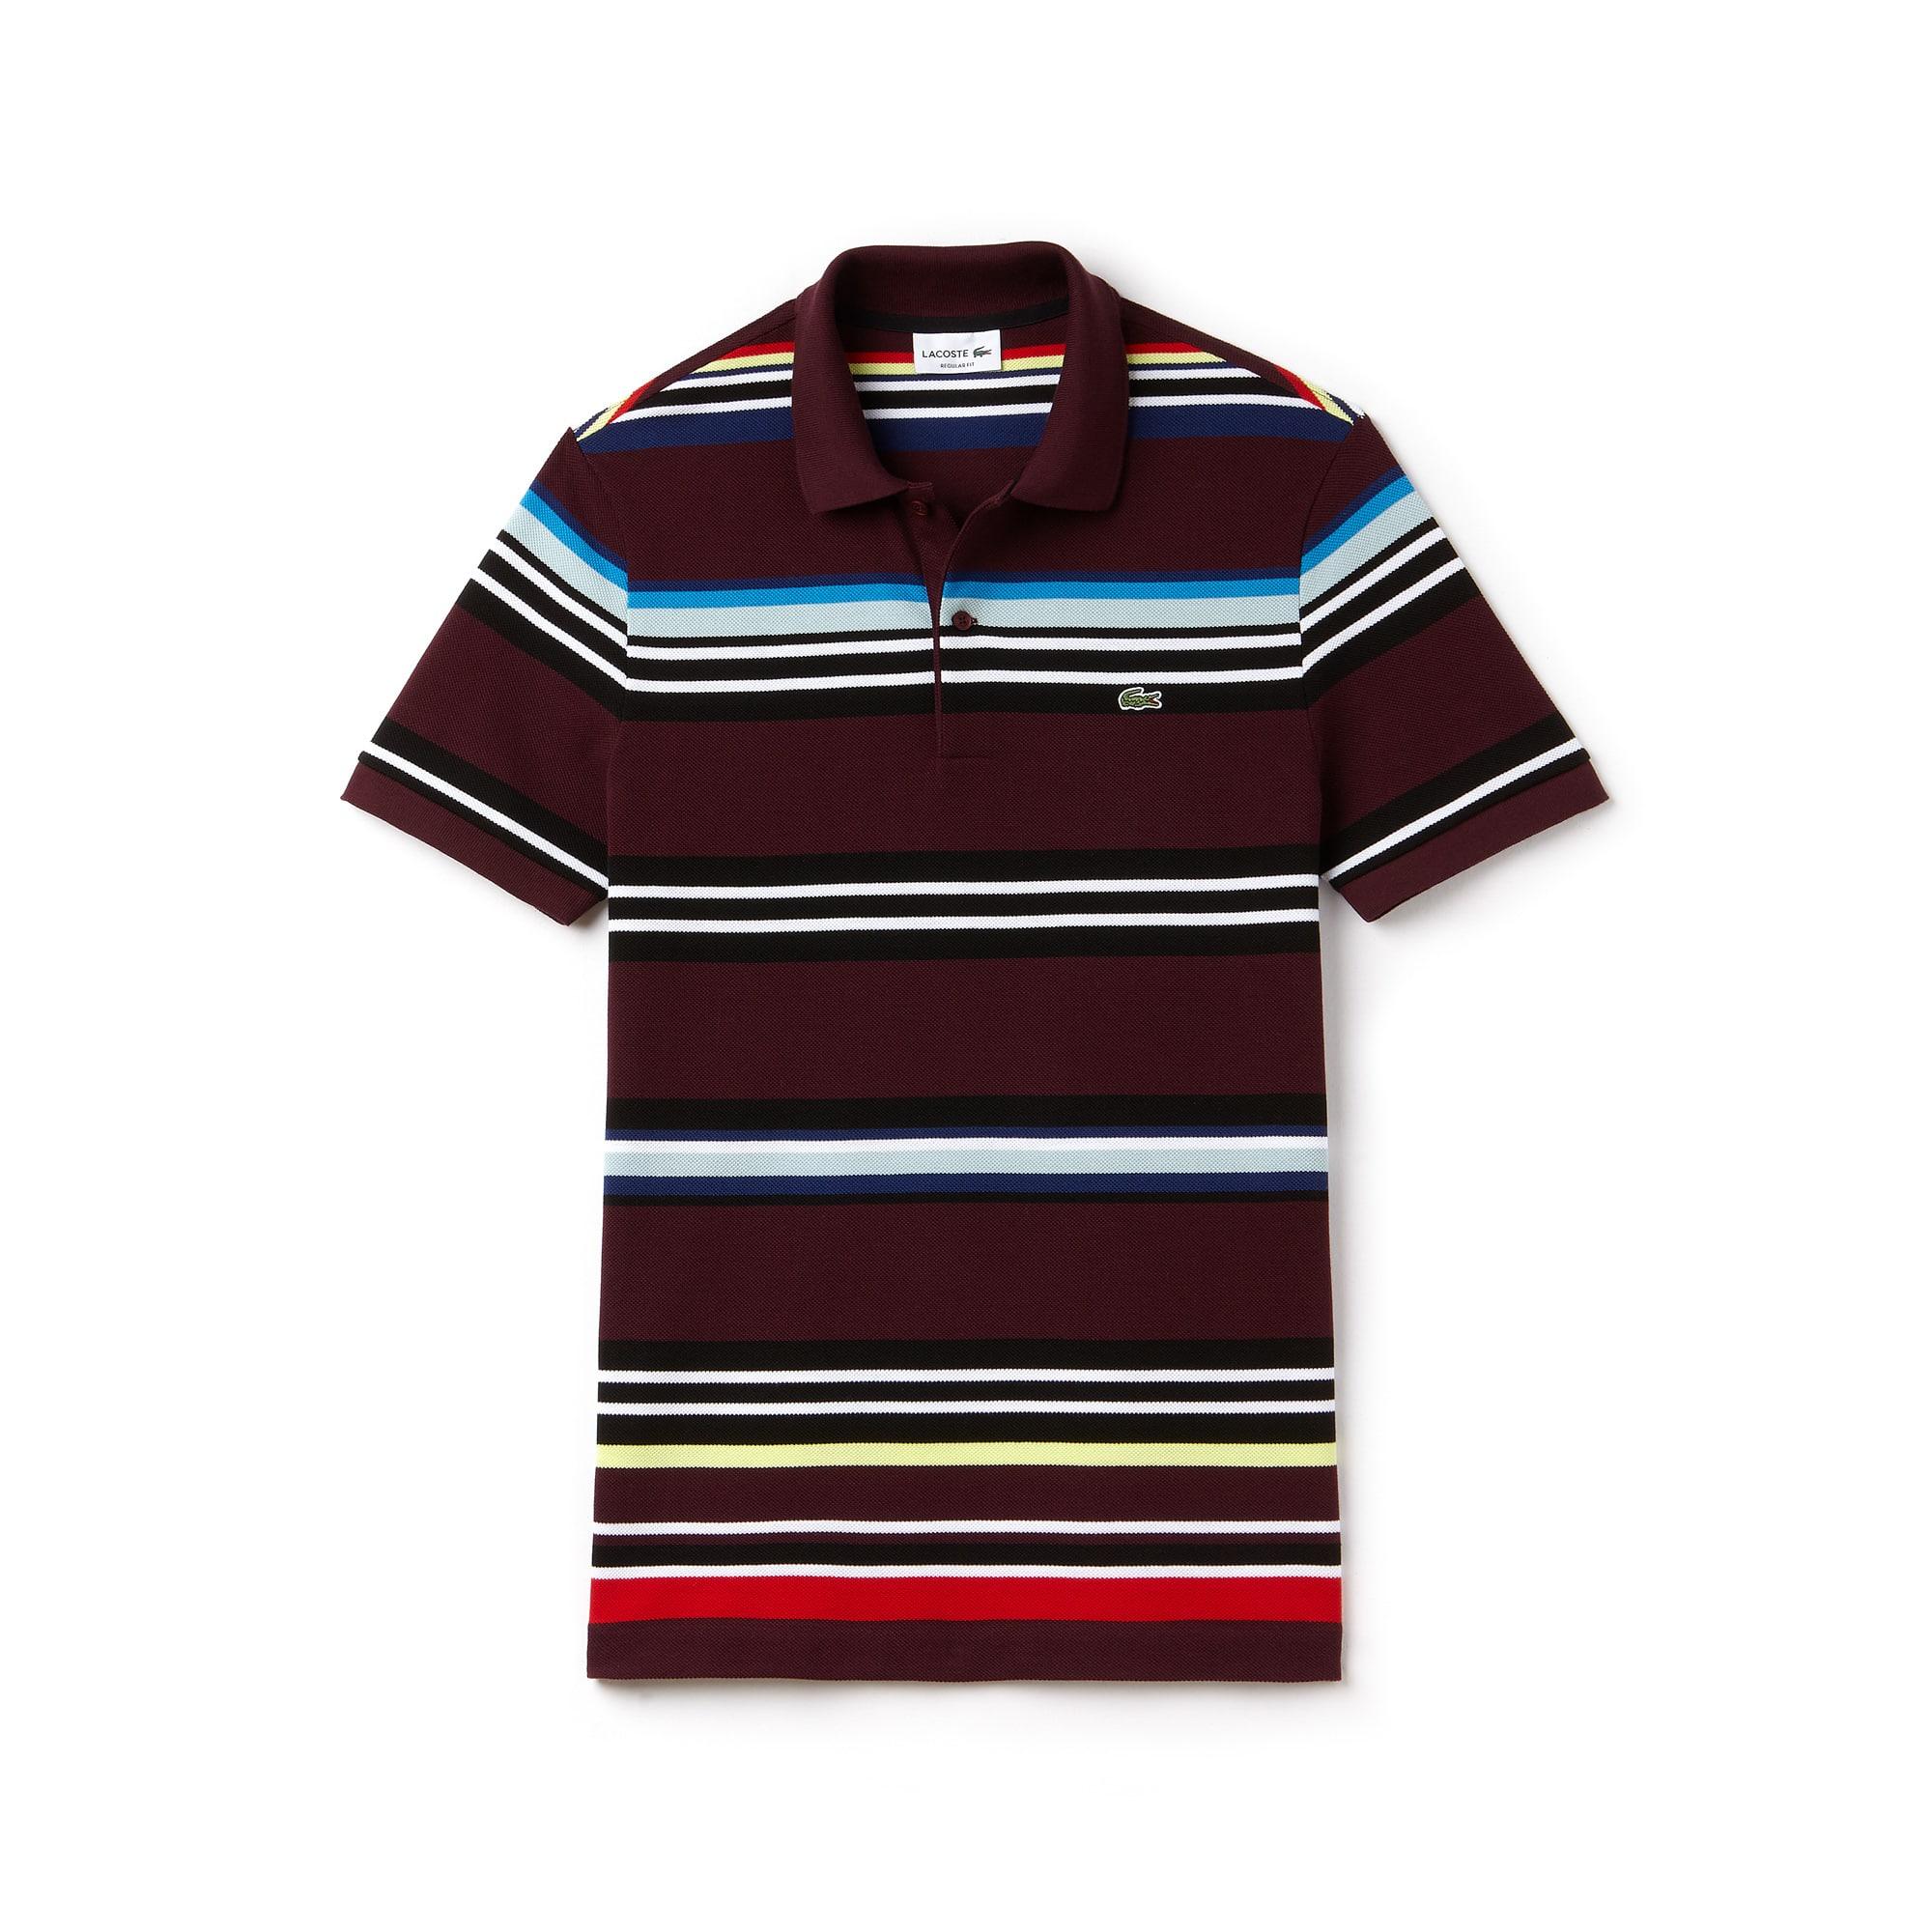 Regular Fit Herren-Polo aus meliertem Piqué mit bunten Streifen